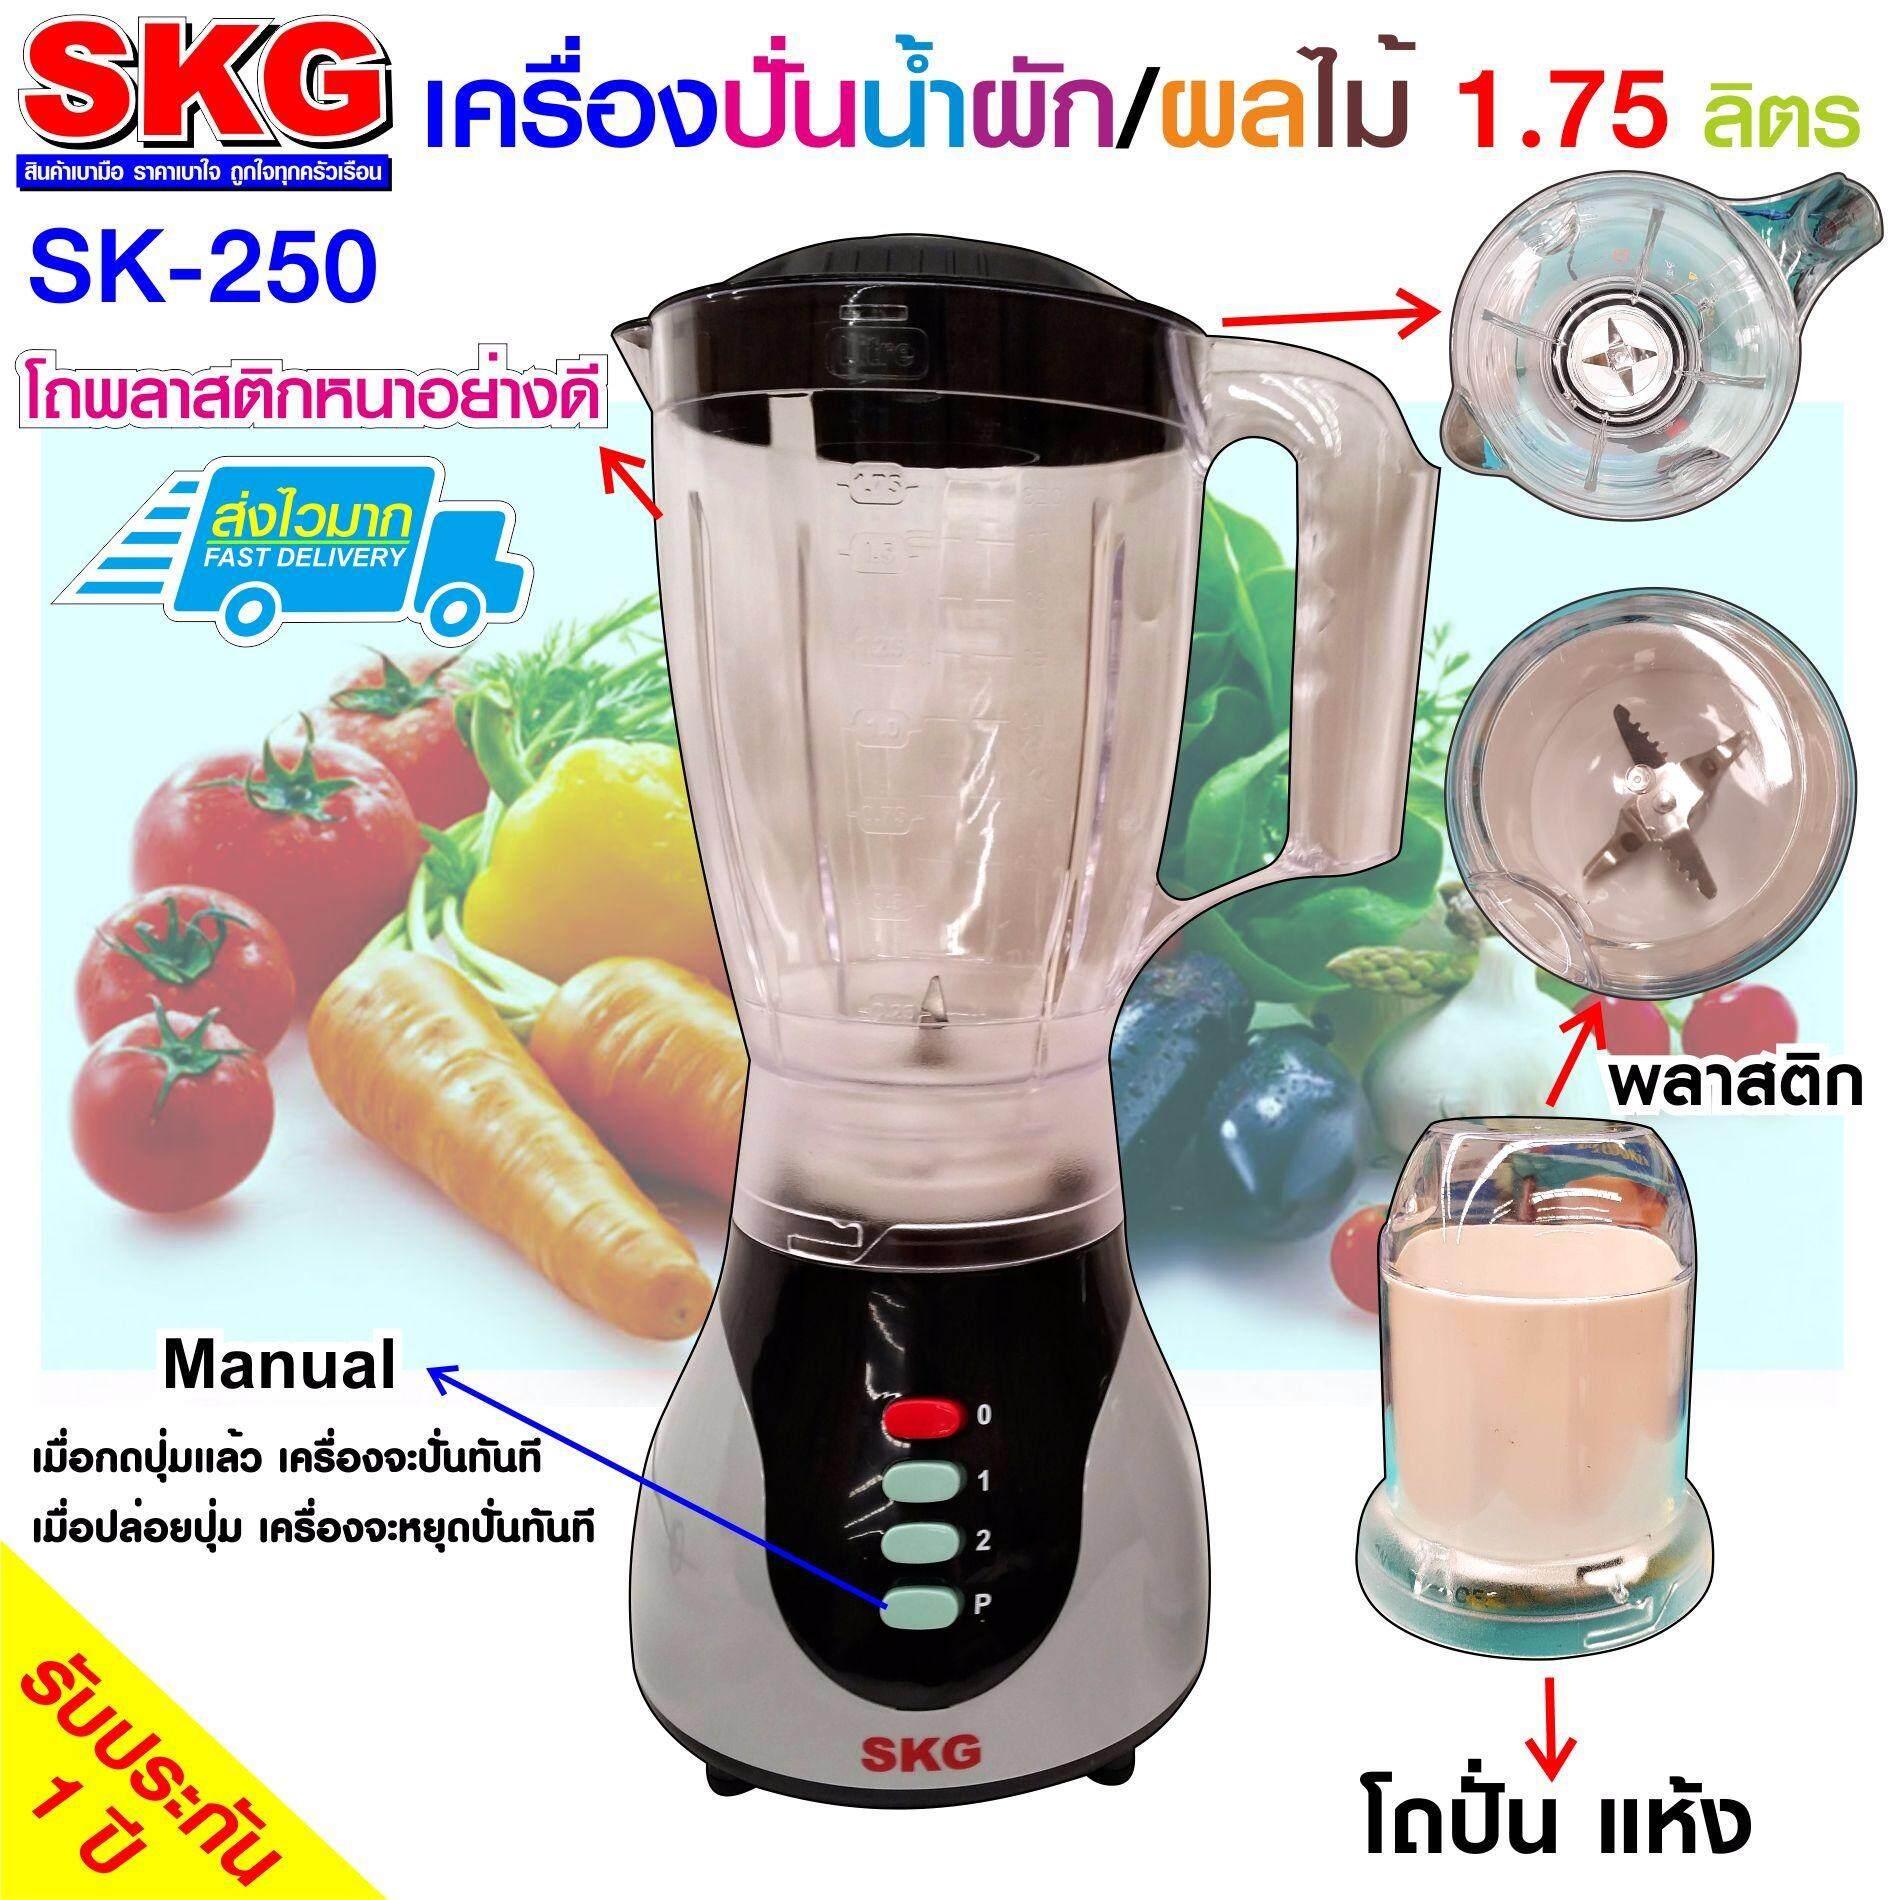 ขาย Skg เครื่องปั่นน้ำผลไม้ รุ่น Sk 250 1 75 ลิตร Skg เป็นต้นฉบับ